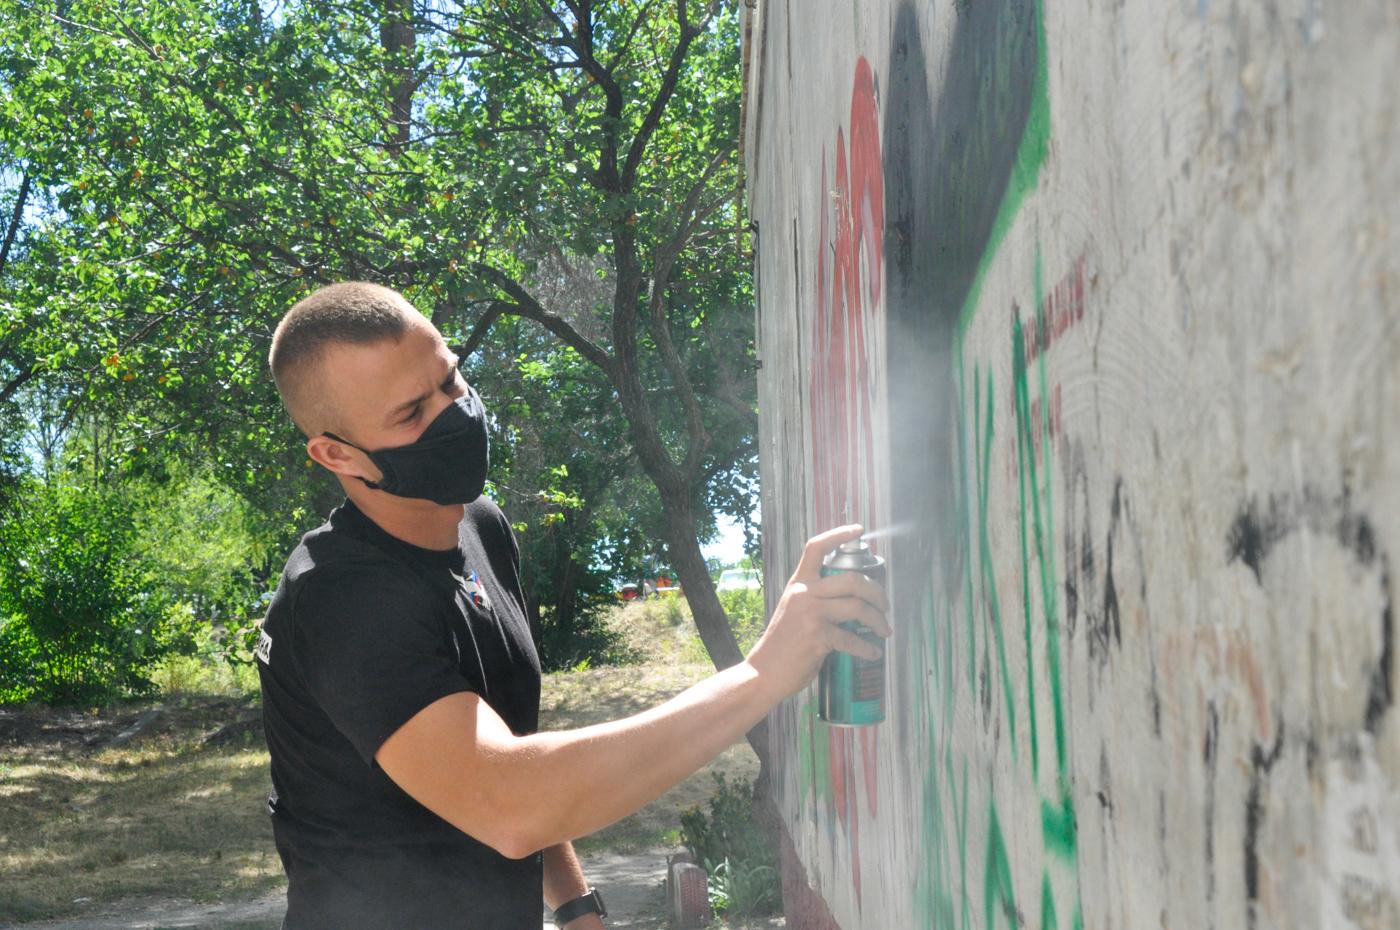 Борьба за жизнь: как активисты ОД «Мир Луганщине» борются с распространением наркотиков в ЛНР